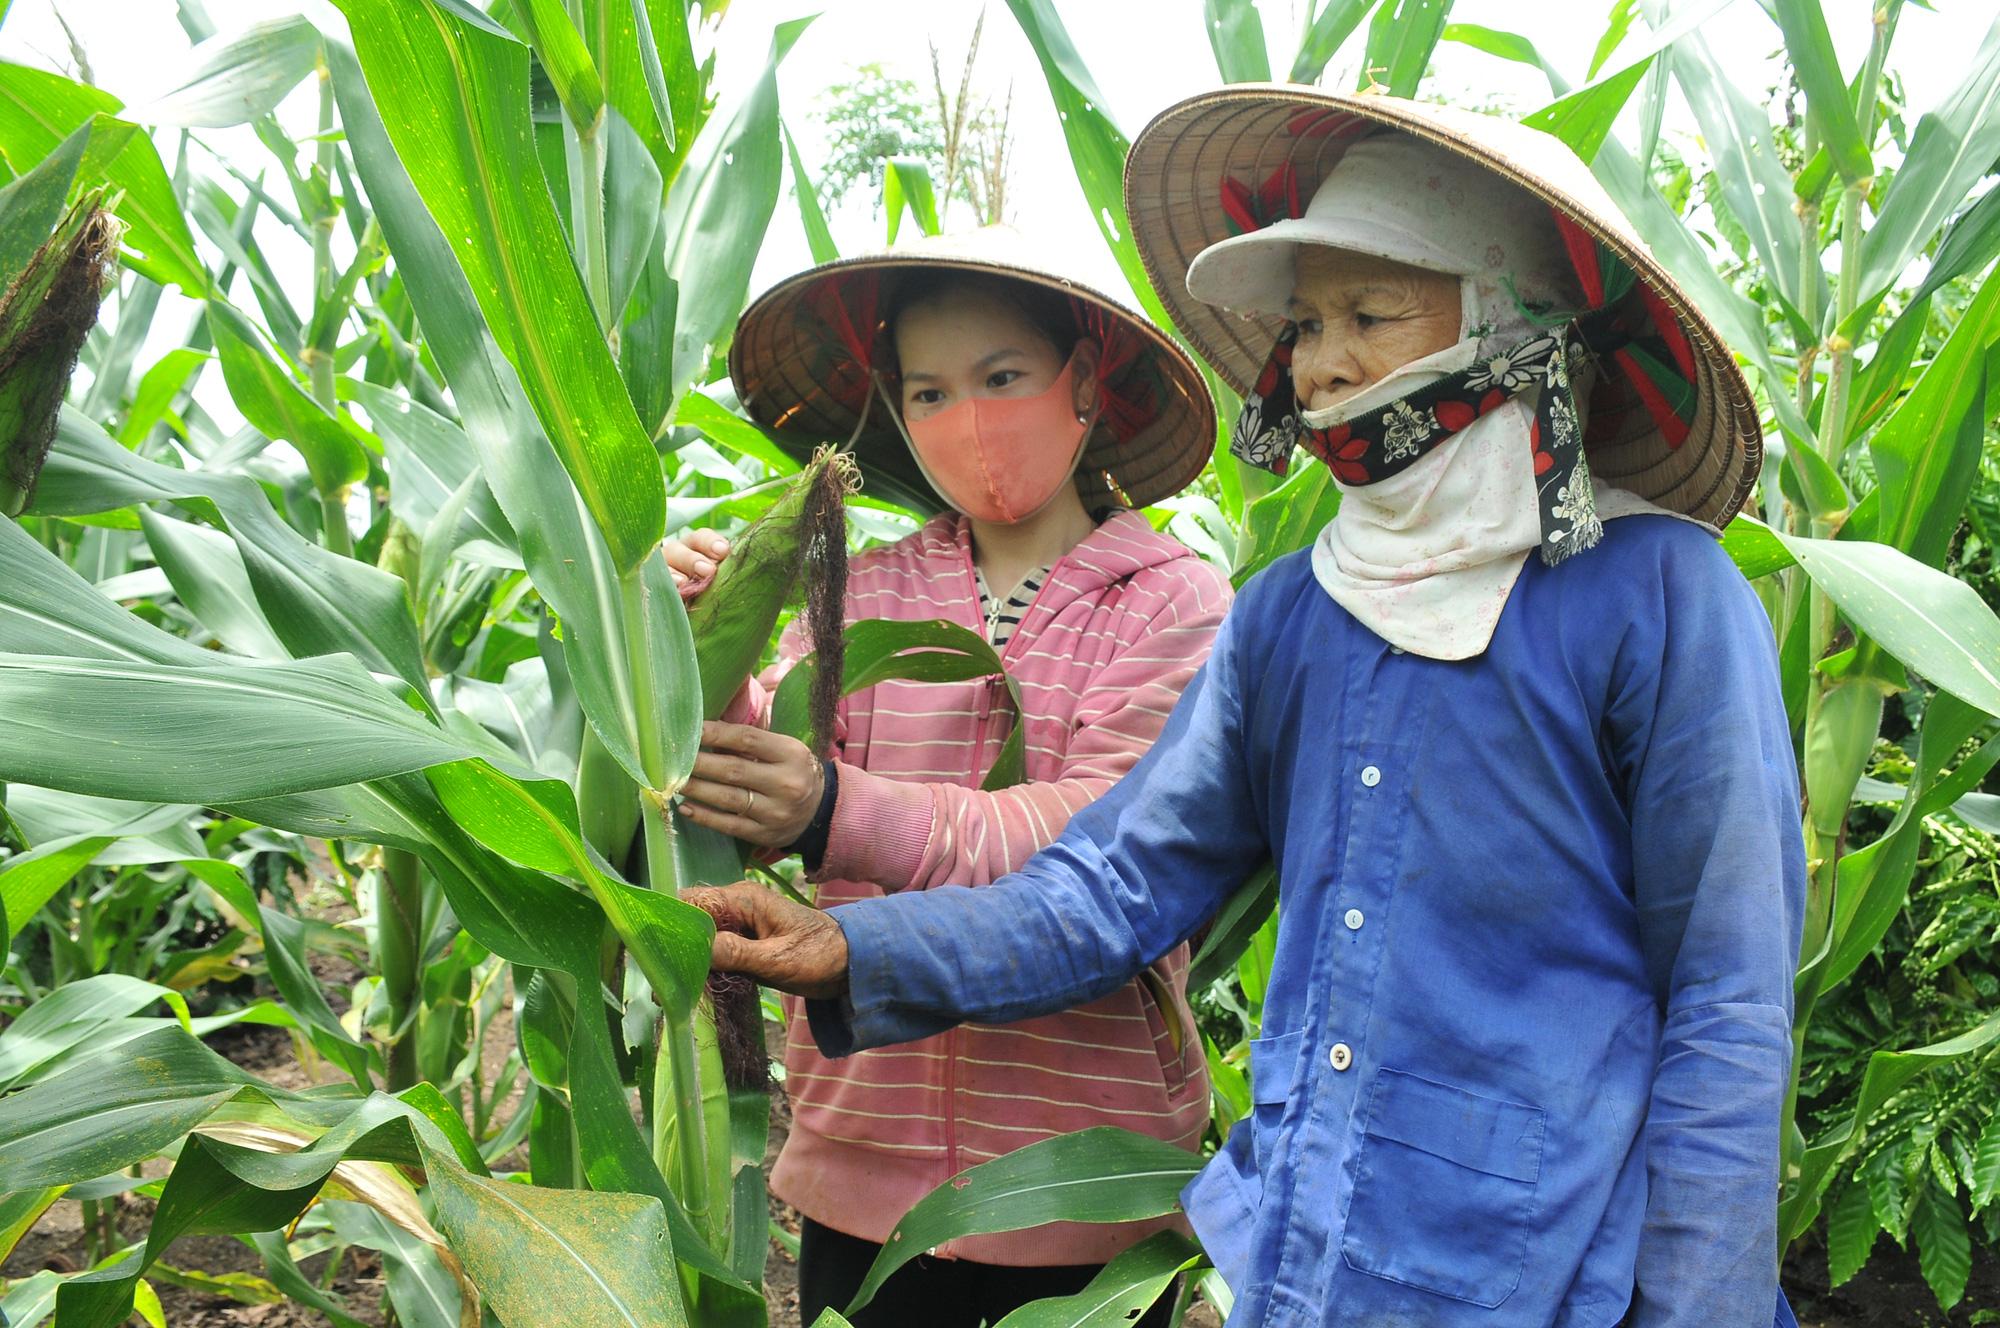 Nông dân chủ động chuyển đổi cây trồng, giảm bớt rủi ro - Ảnh 1.